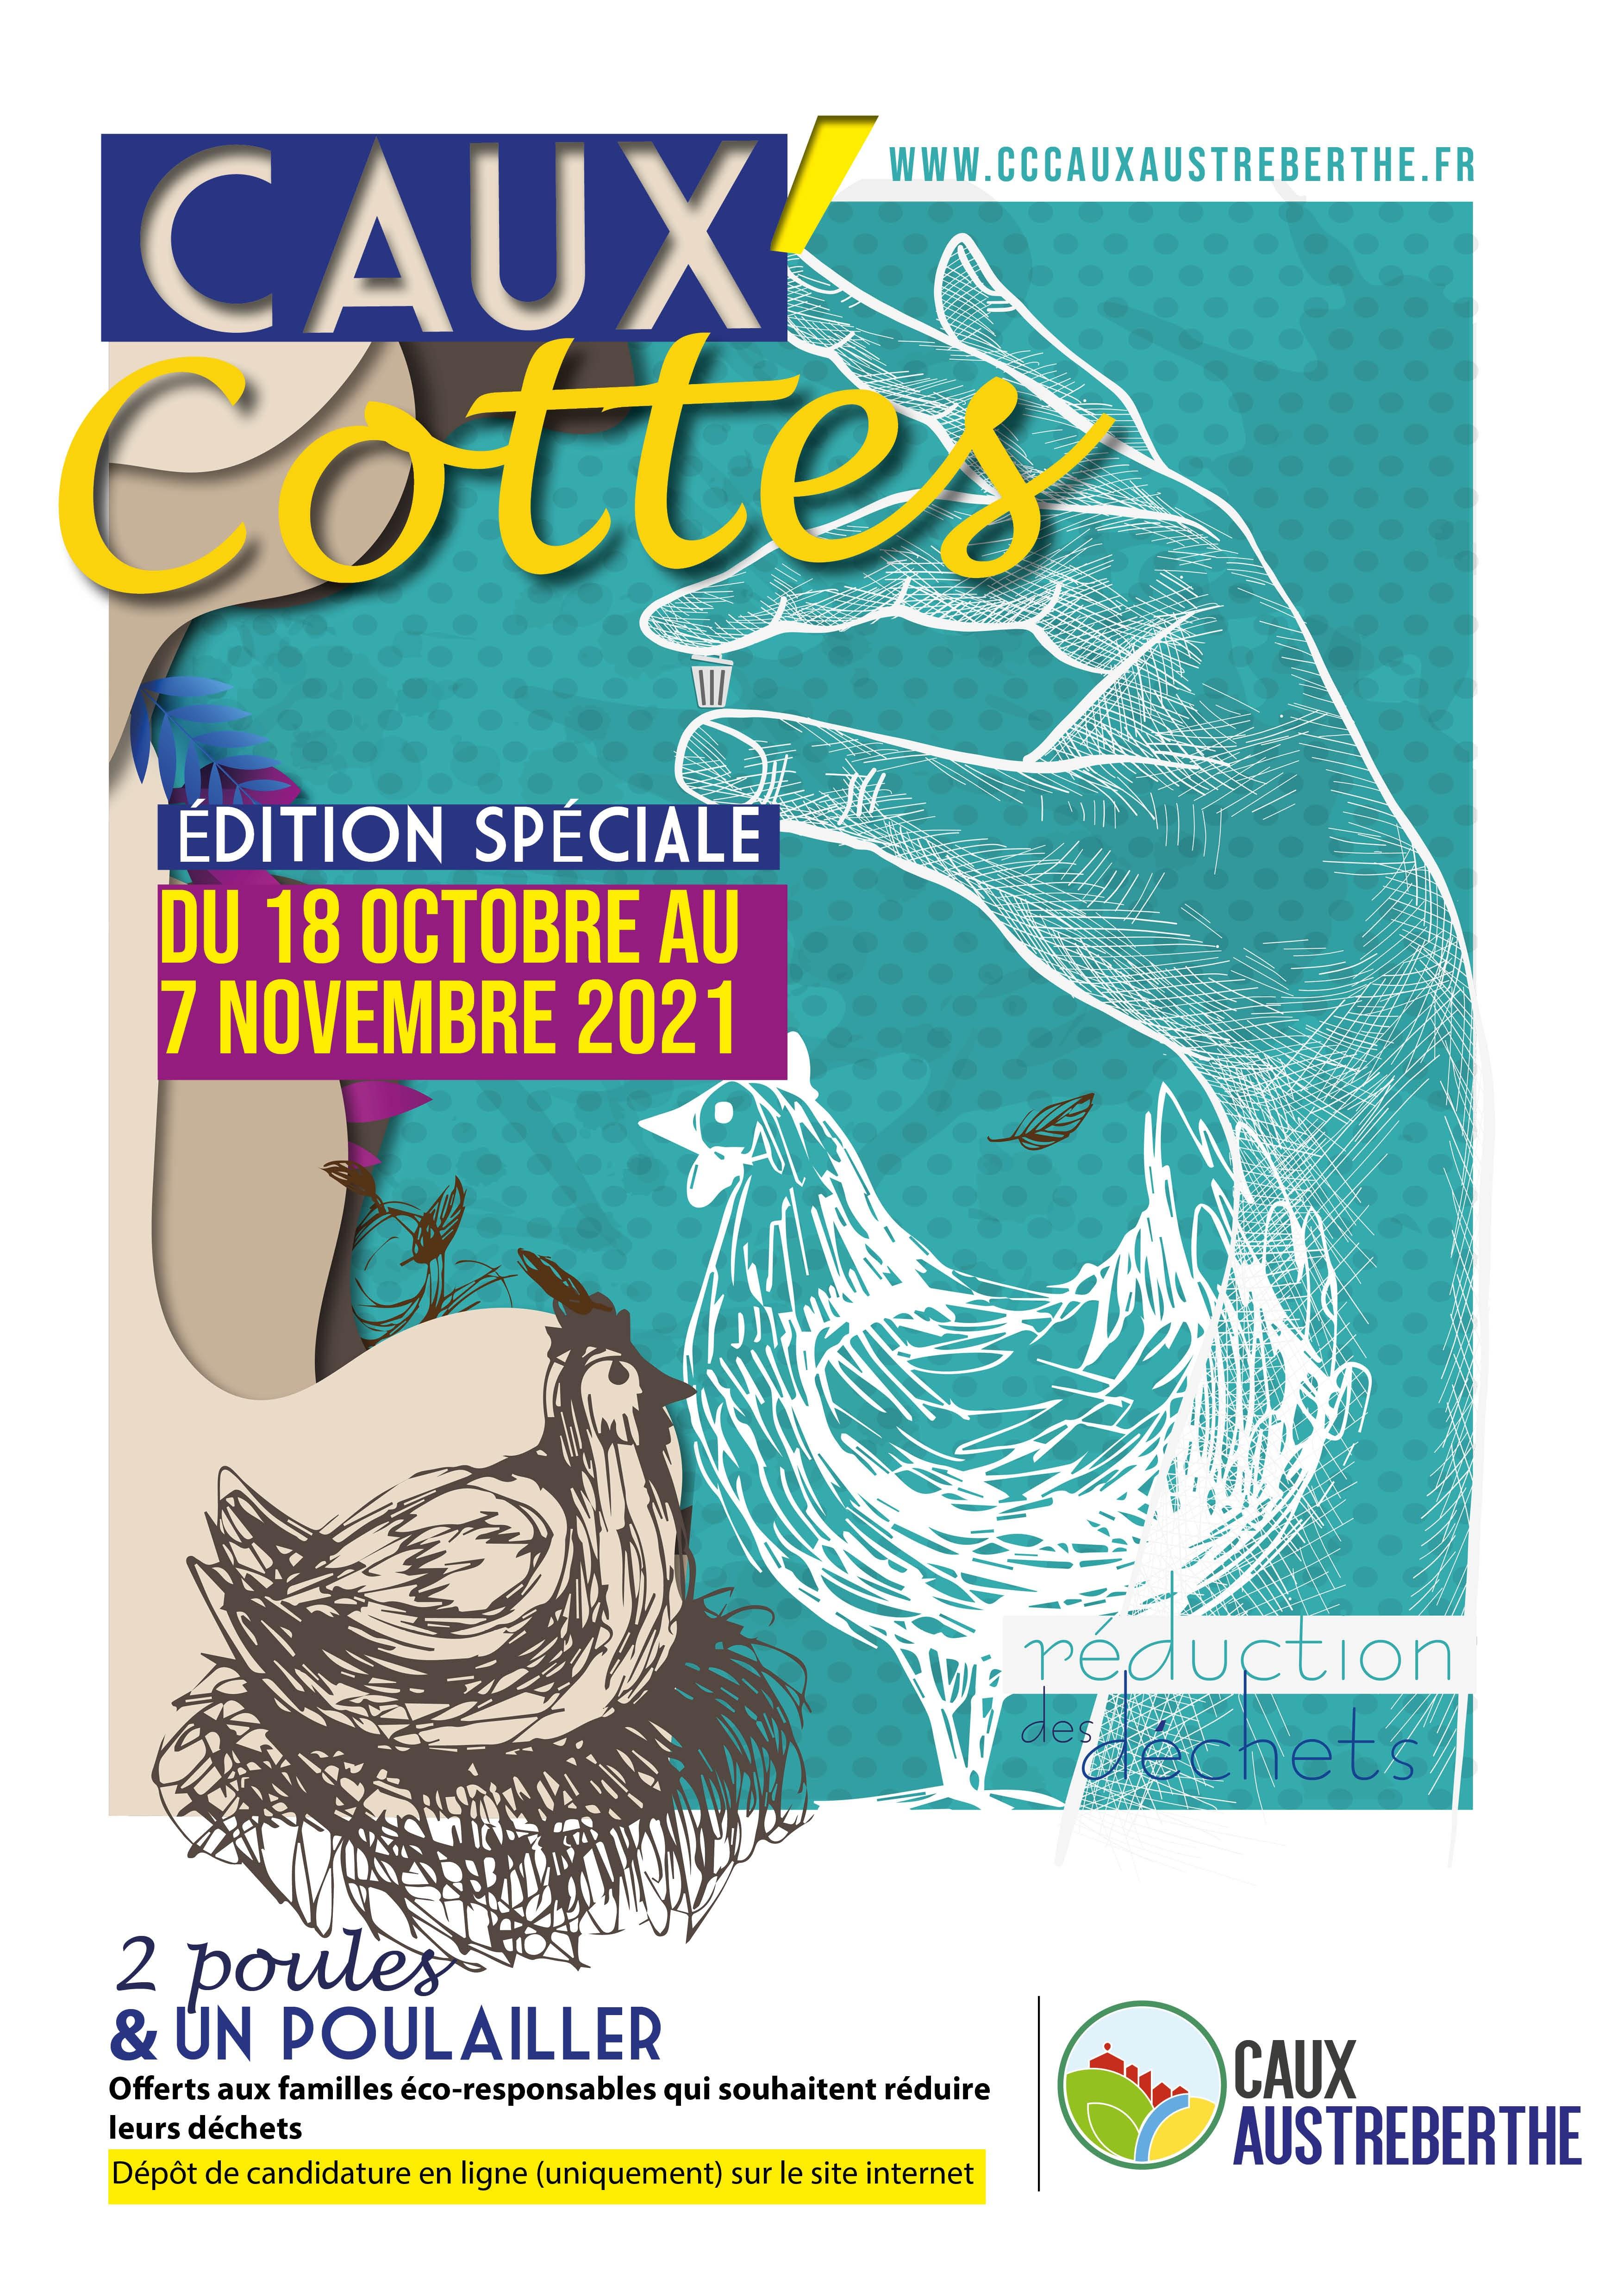 CAUX COTTES 20213